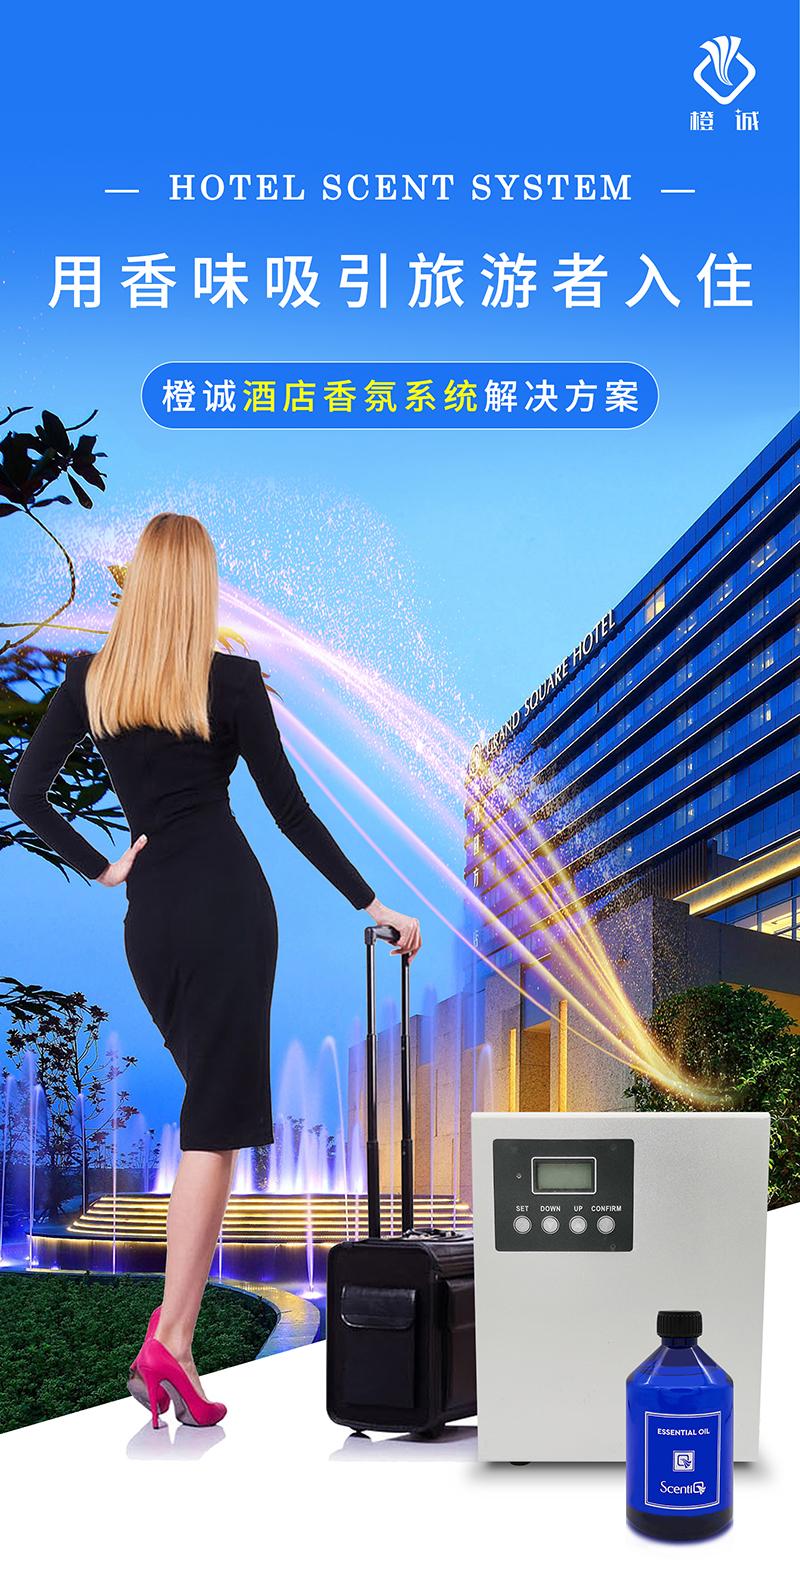 酒店香氛解决方案